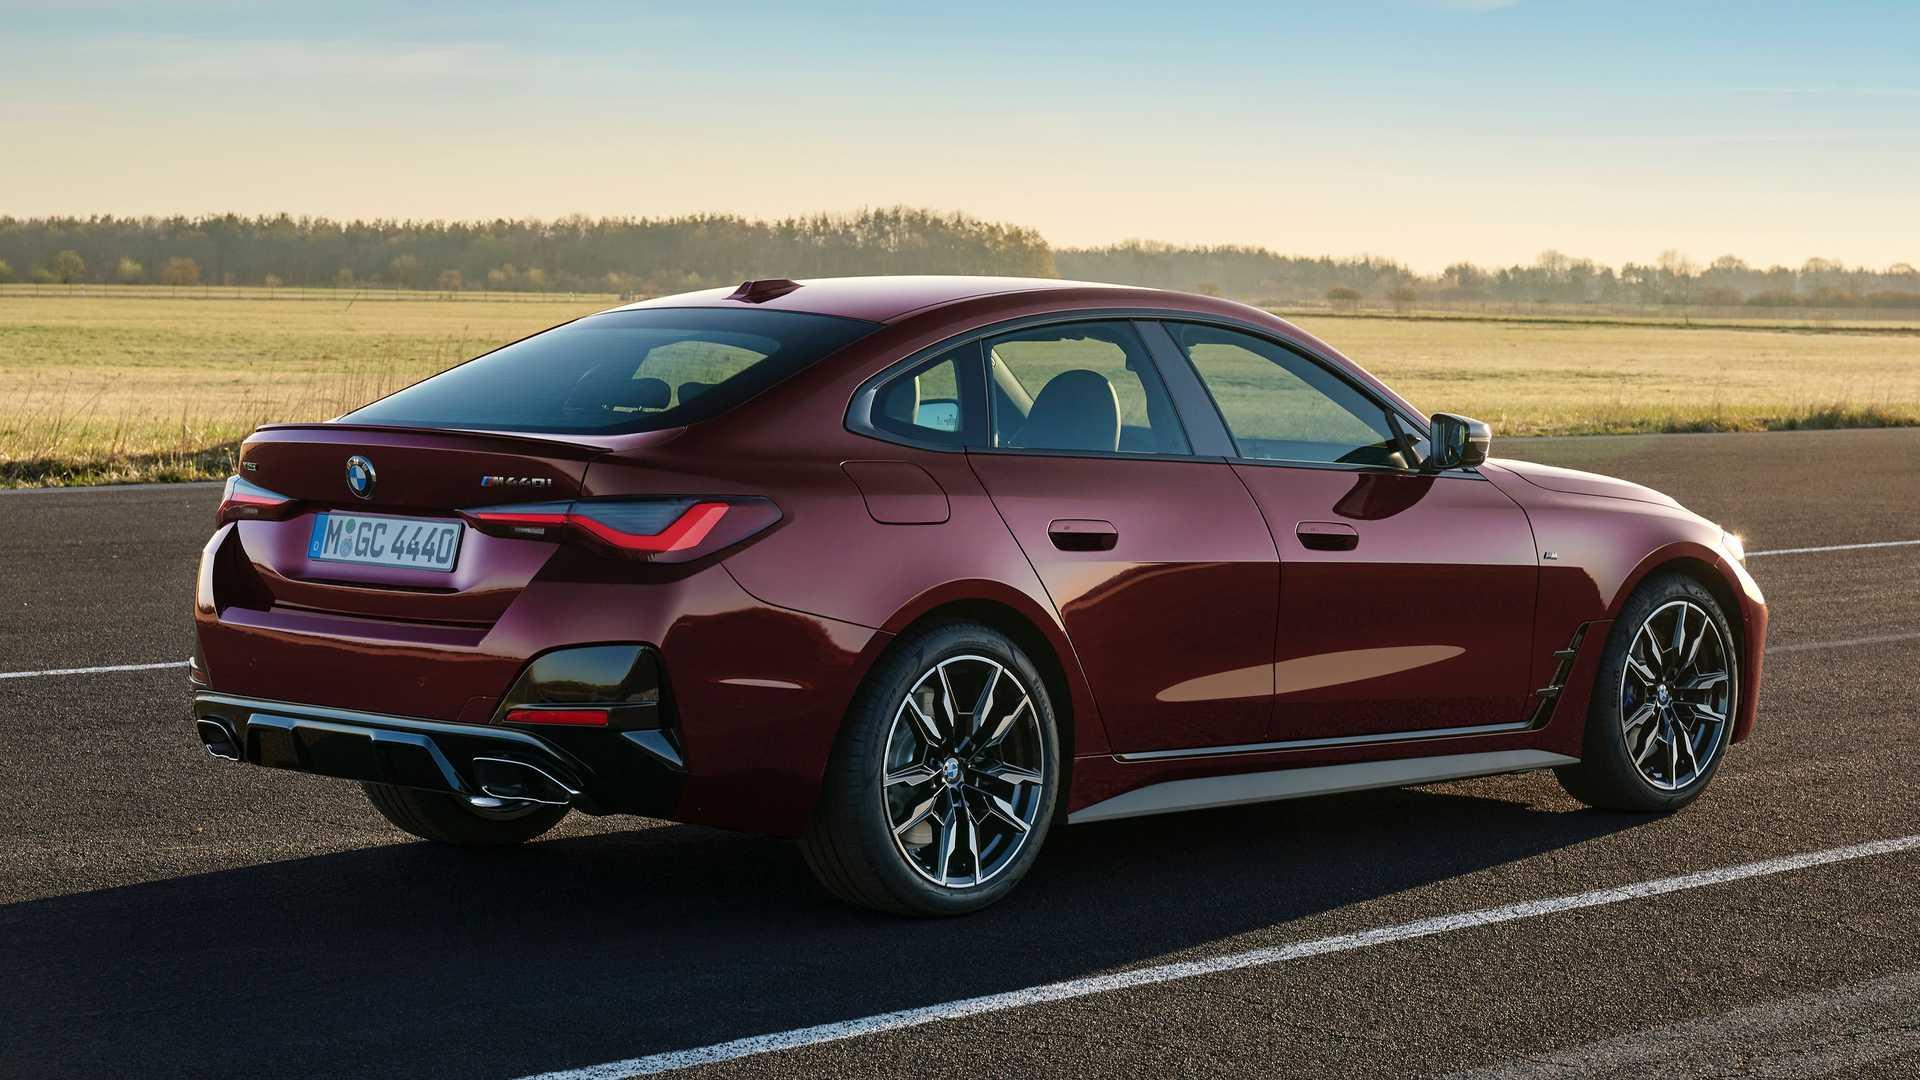 BMW serii 4 w odmianie Gran Coupe oficjalnie zaprezentowane